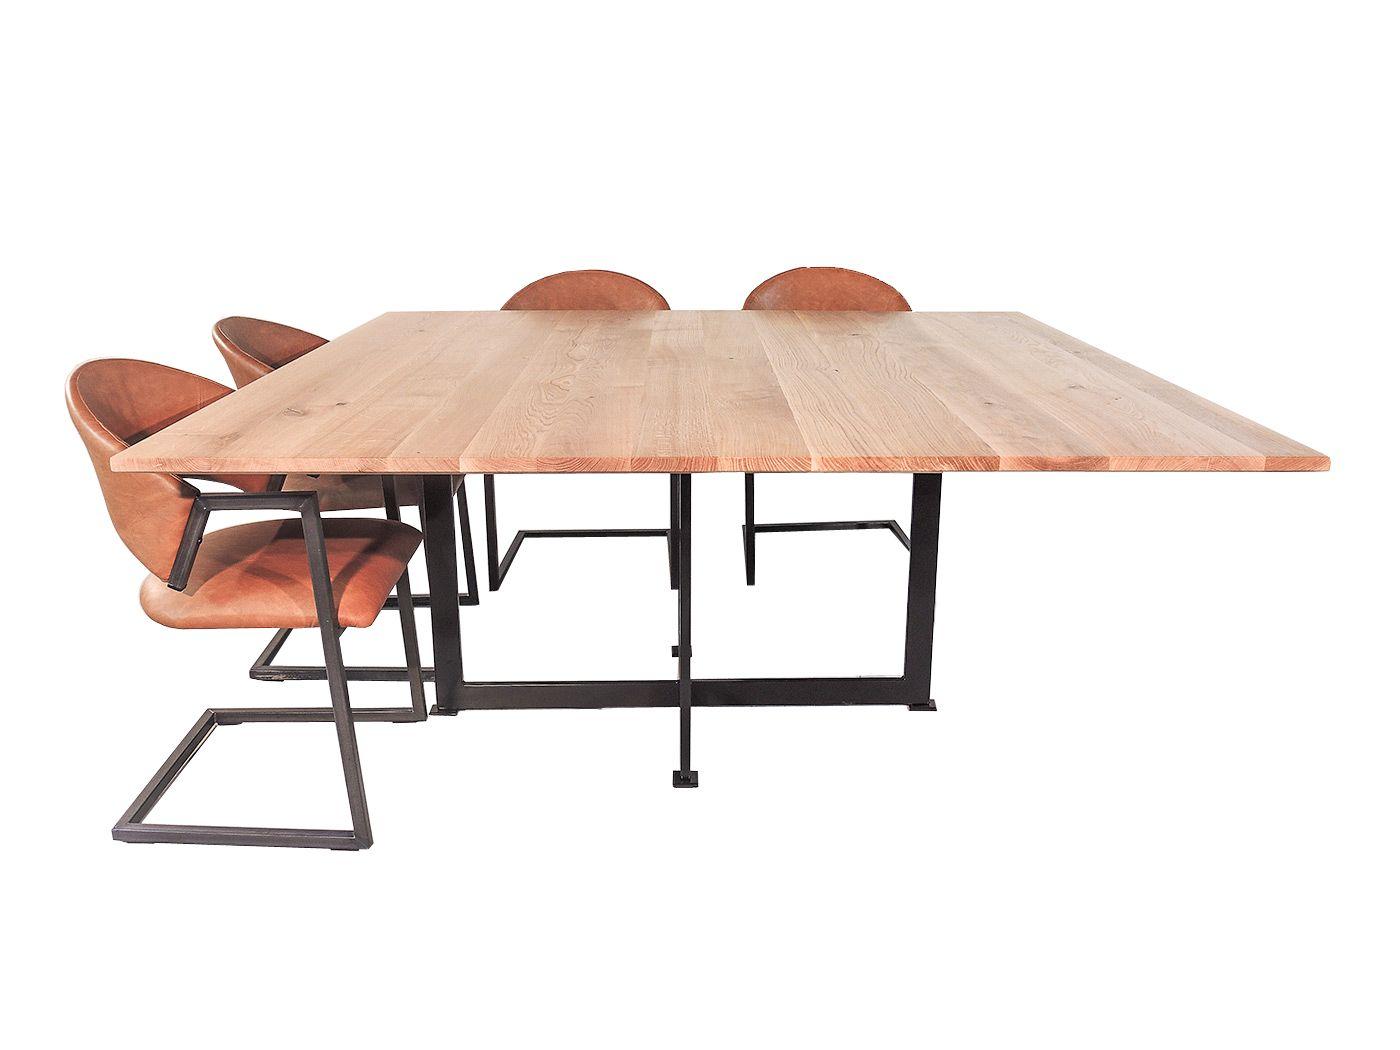 Vierkante Eettafel 12 Personen.Texas Vierkante Eettafel Voor 8 Of 10 Personen Vierkante